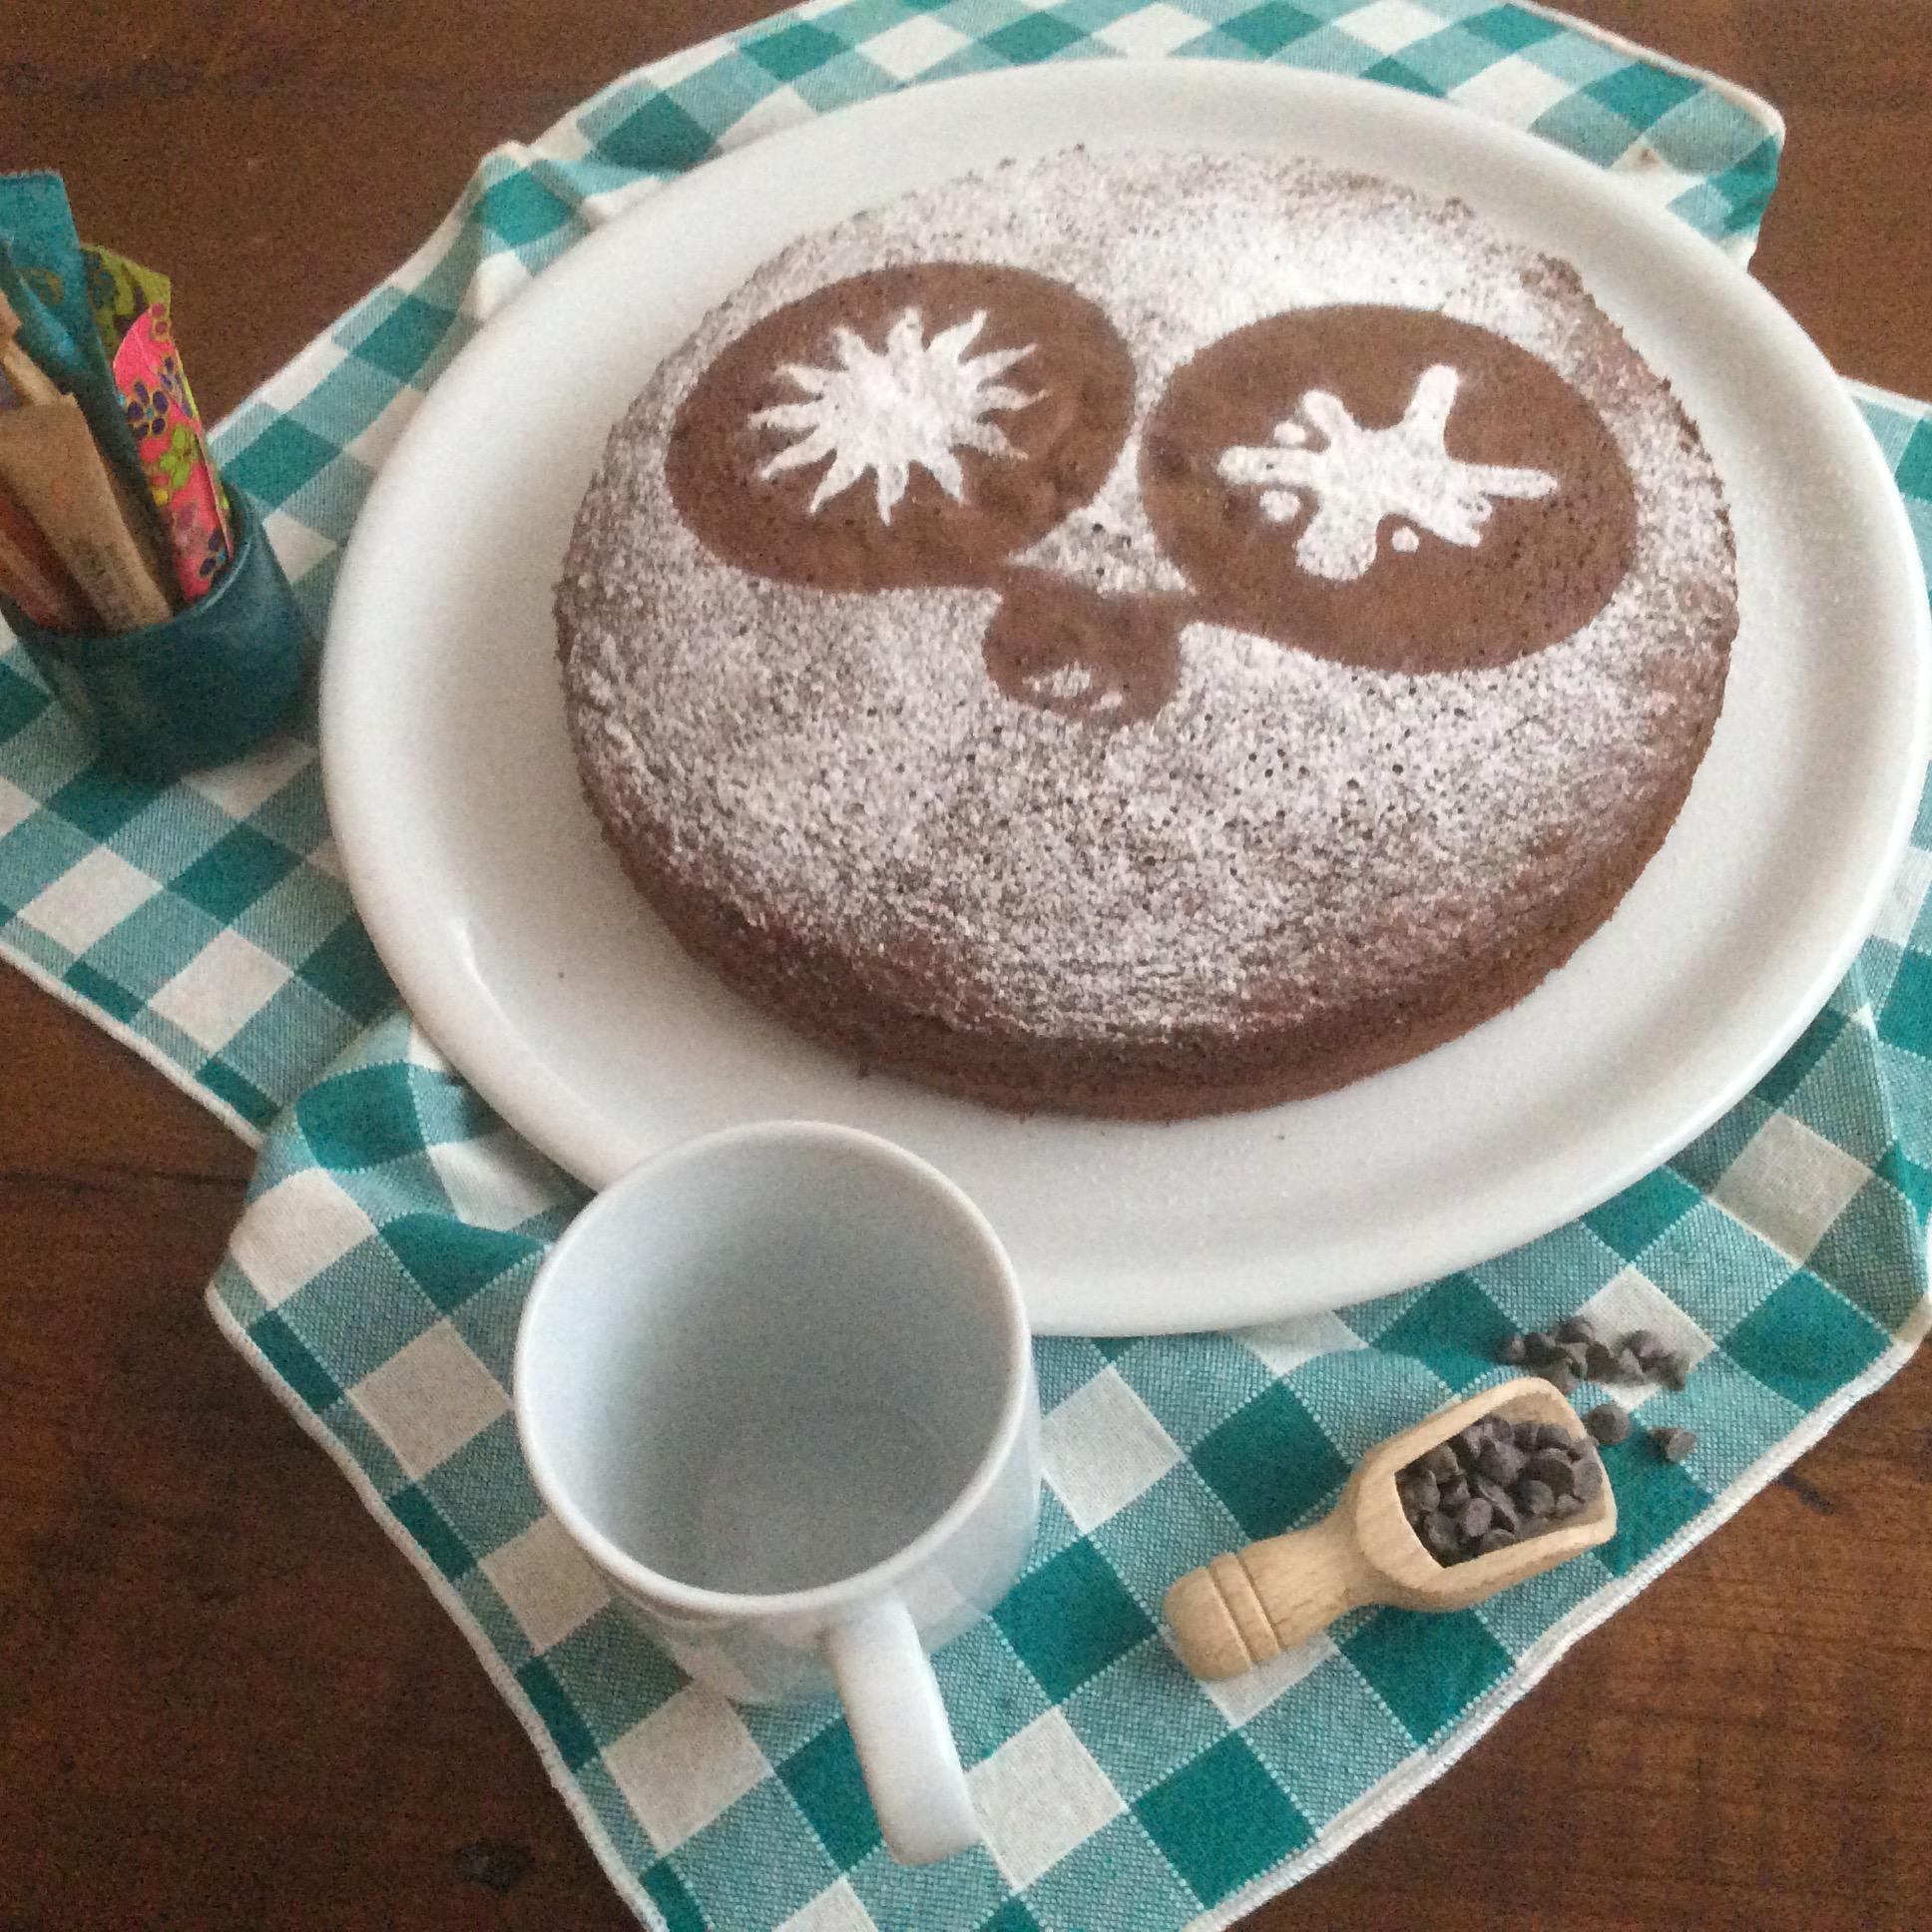 Hot dark chocolate cake